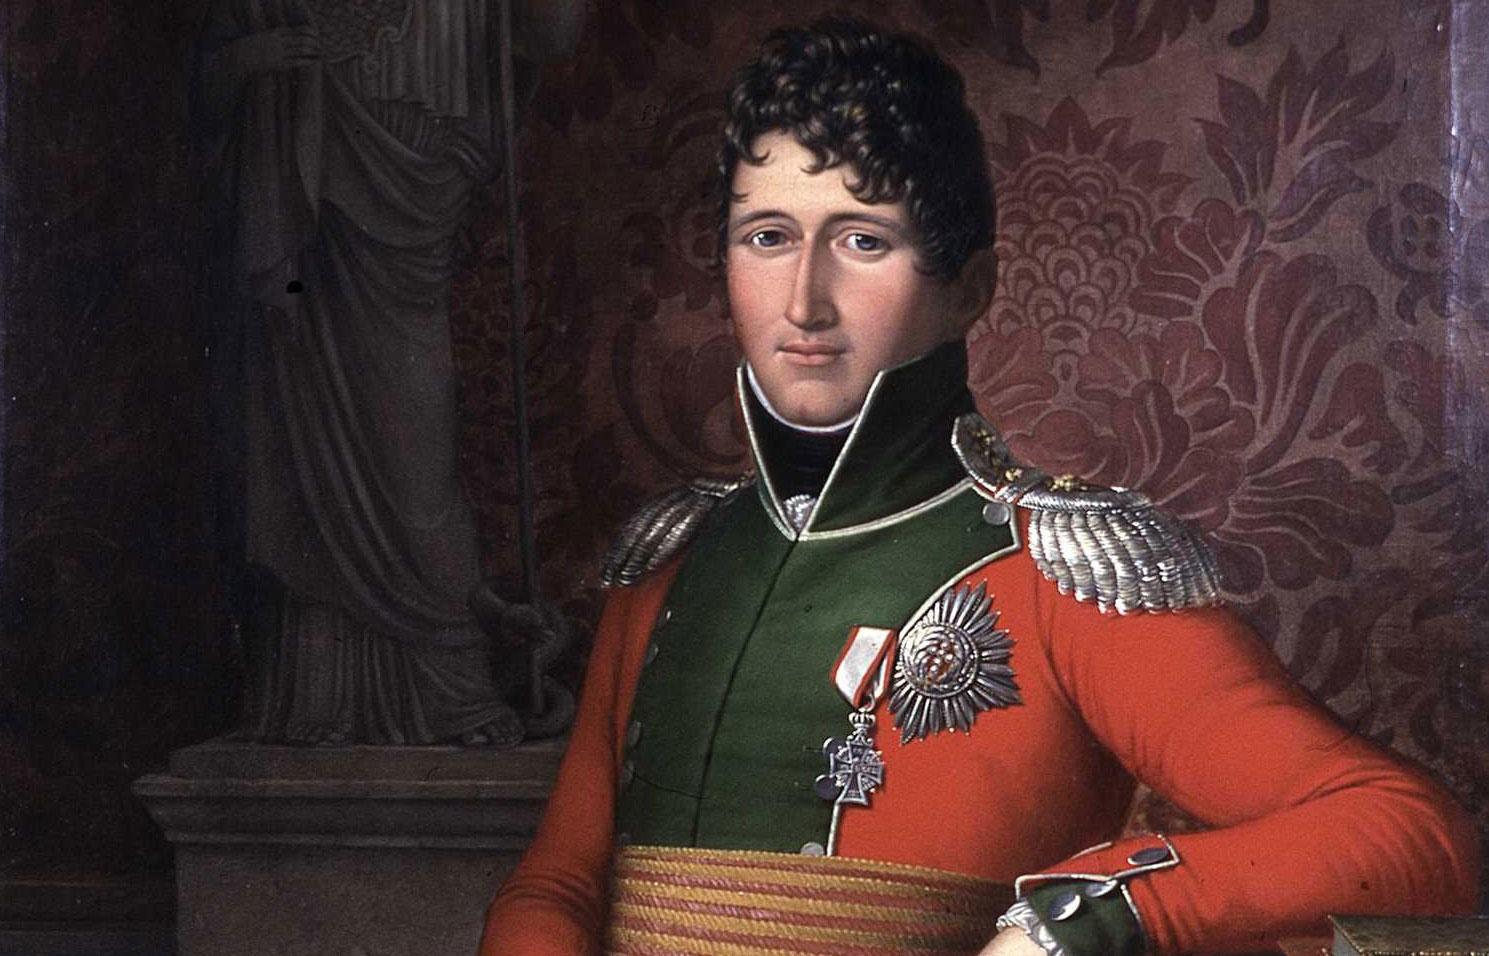 En kjærlighetserklæring til det norske folk ble trykket i The Times i 1814 fra det som da var den norske kongen - Christian Frederik.